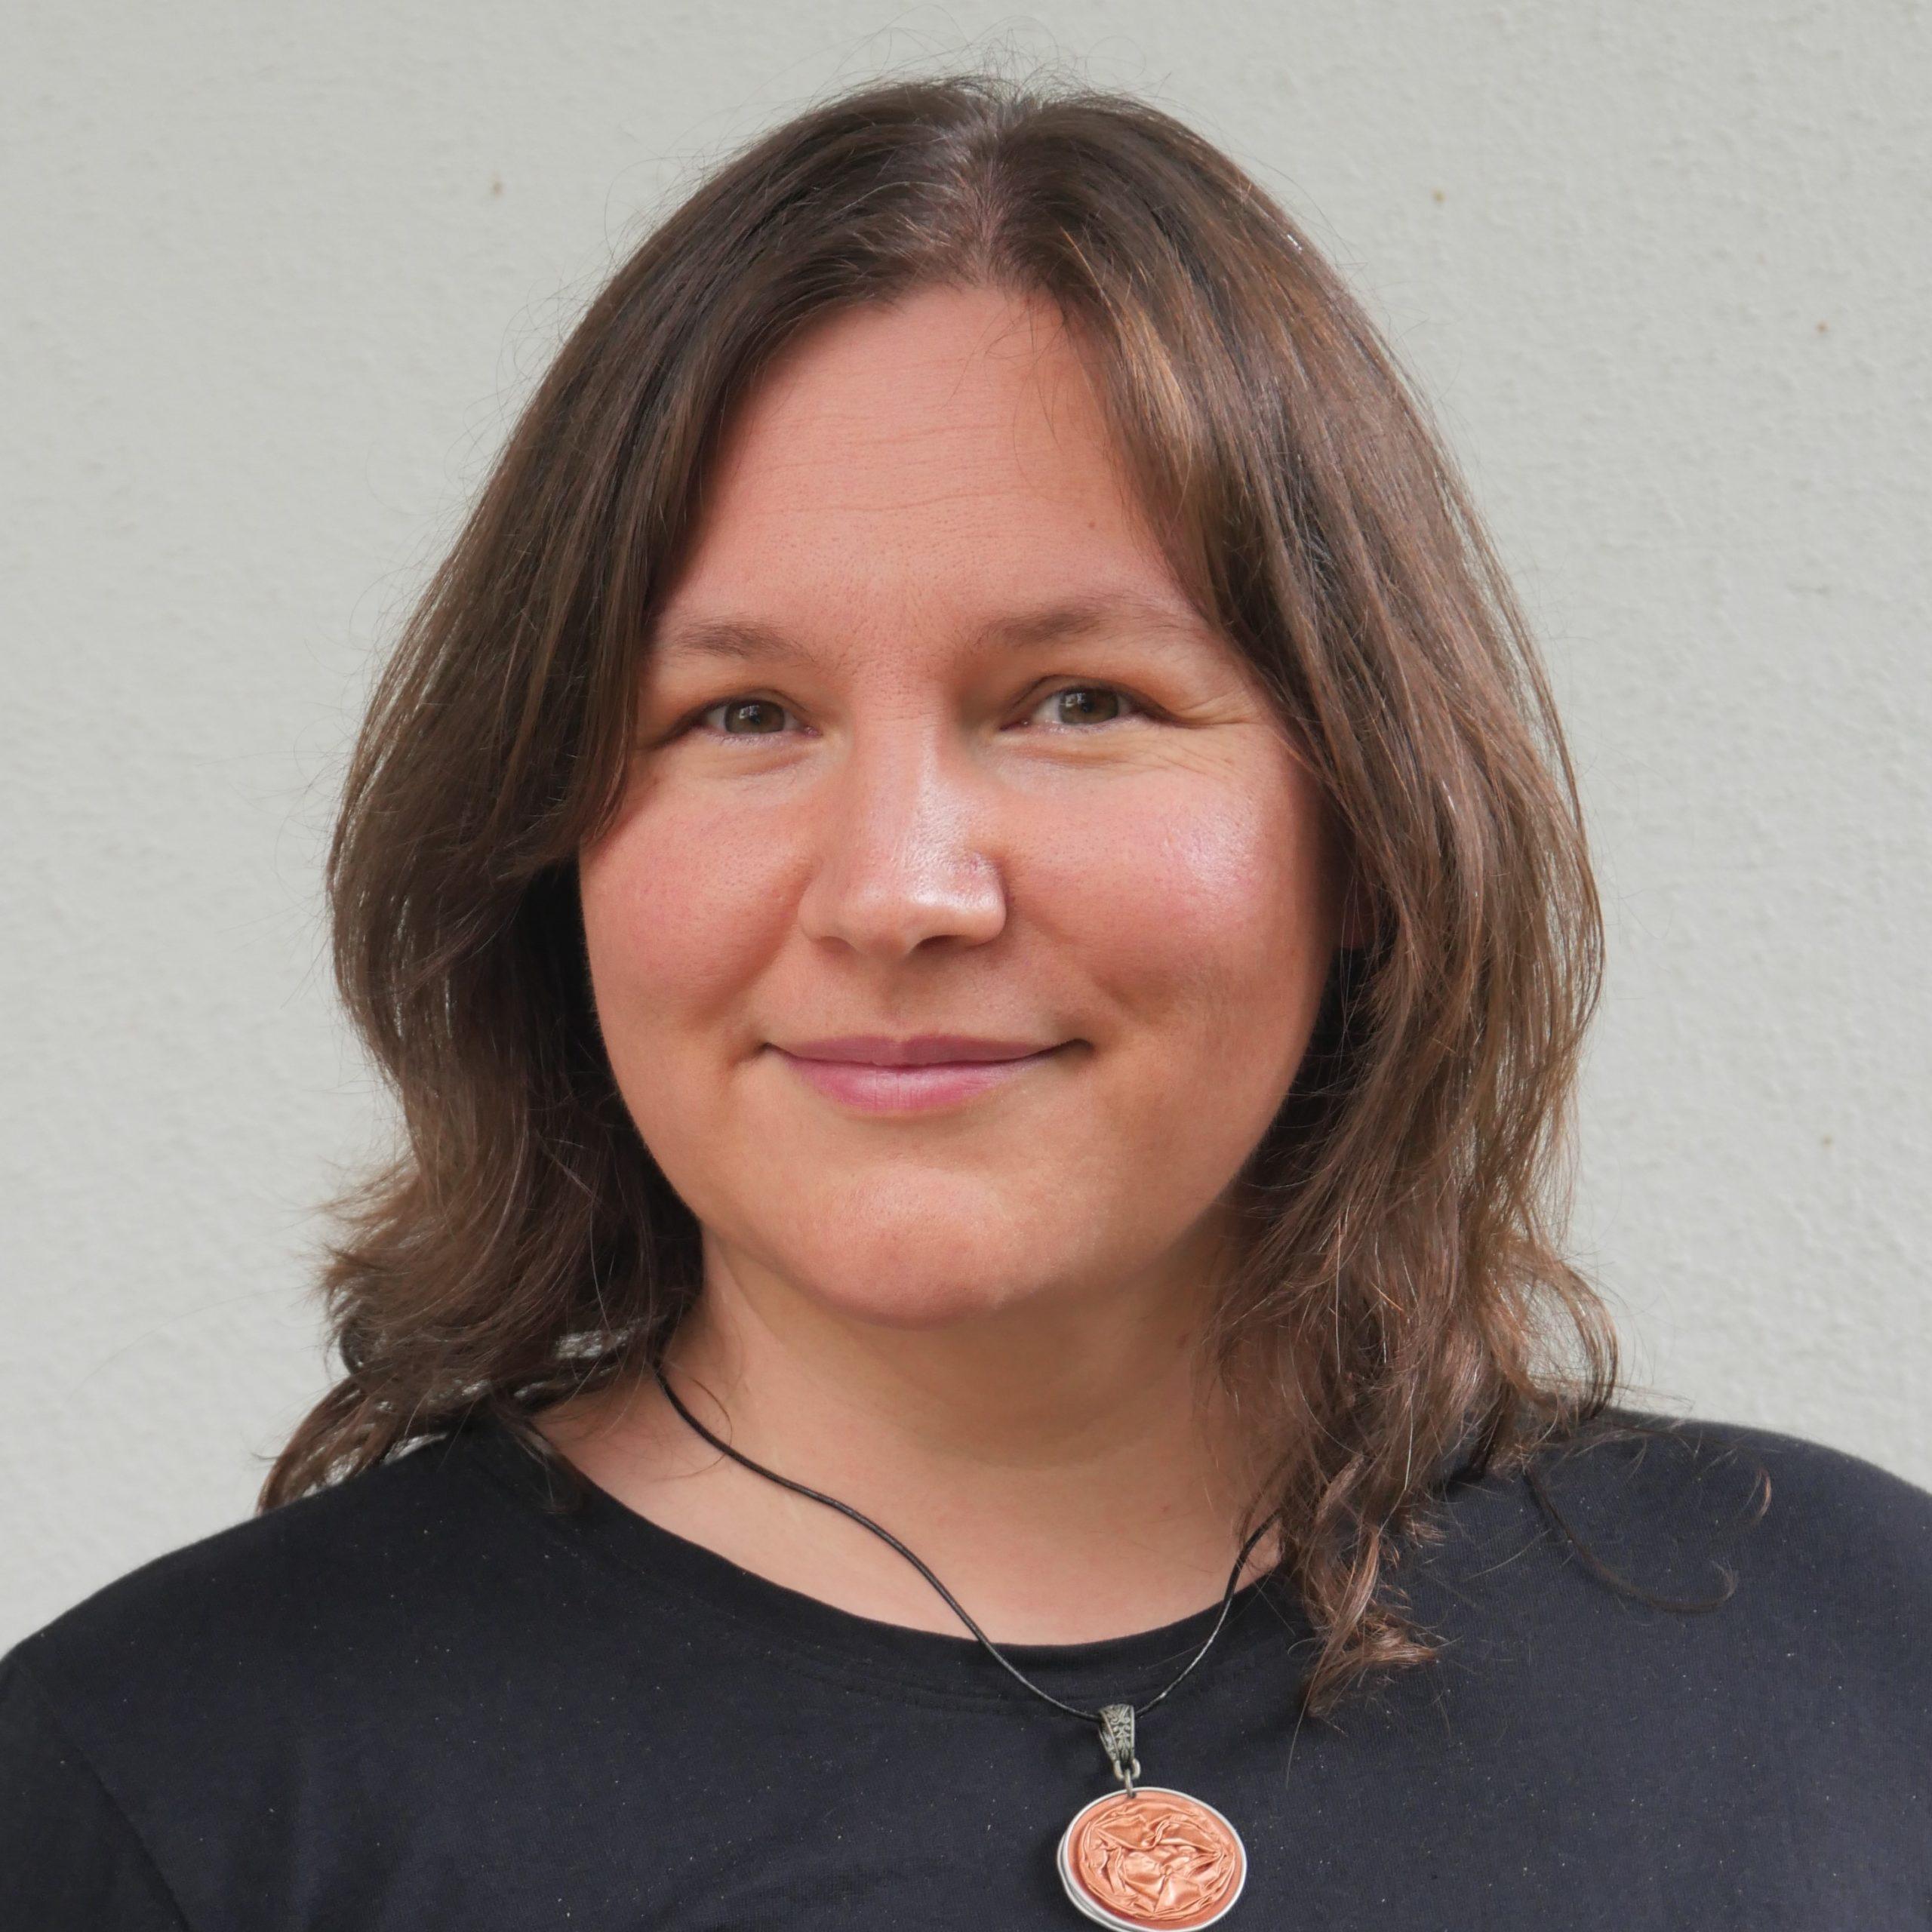 Martina Jantsch